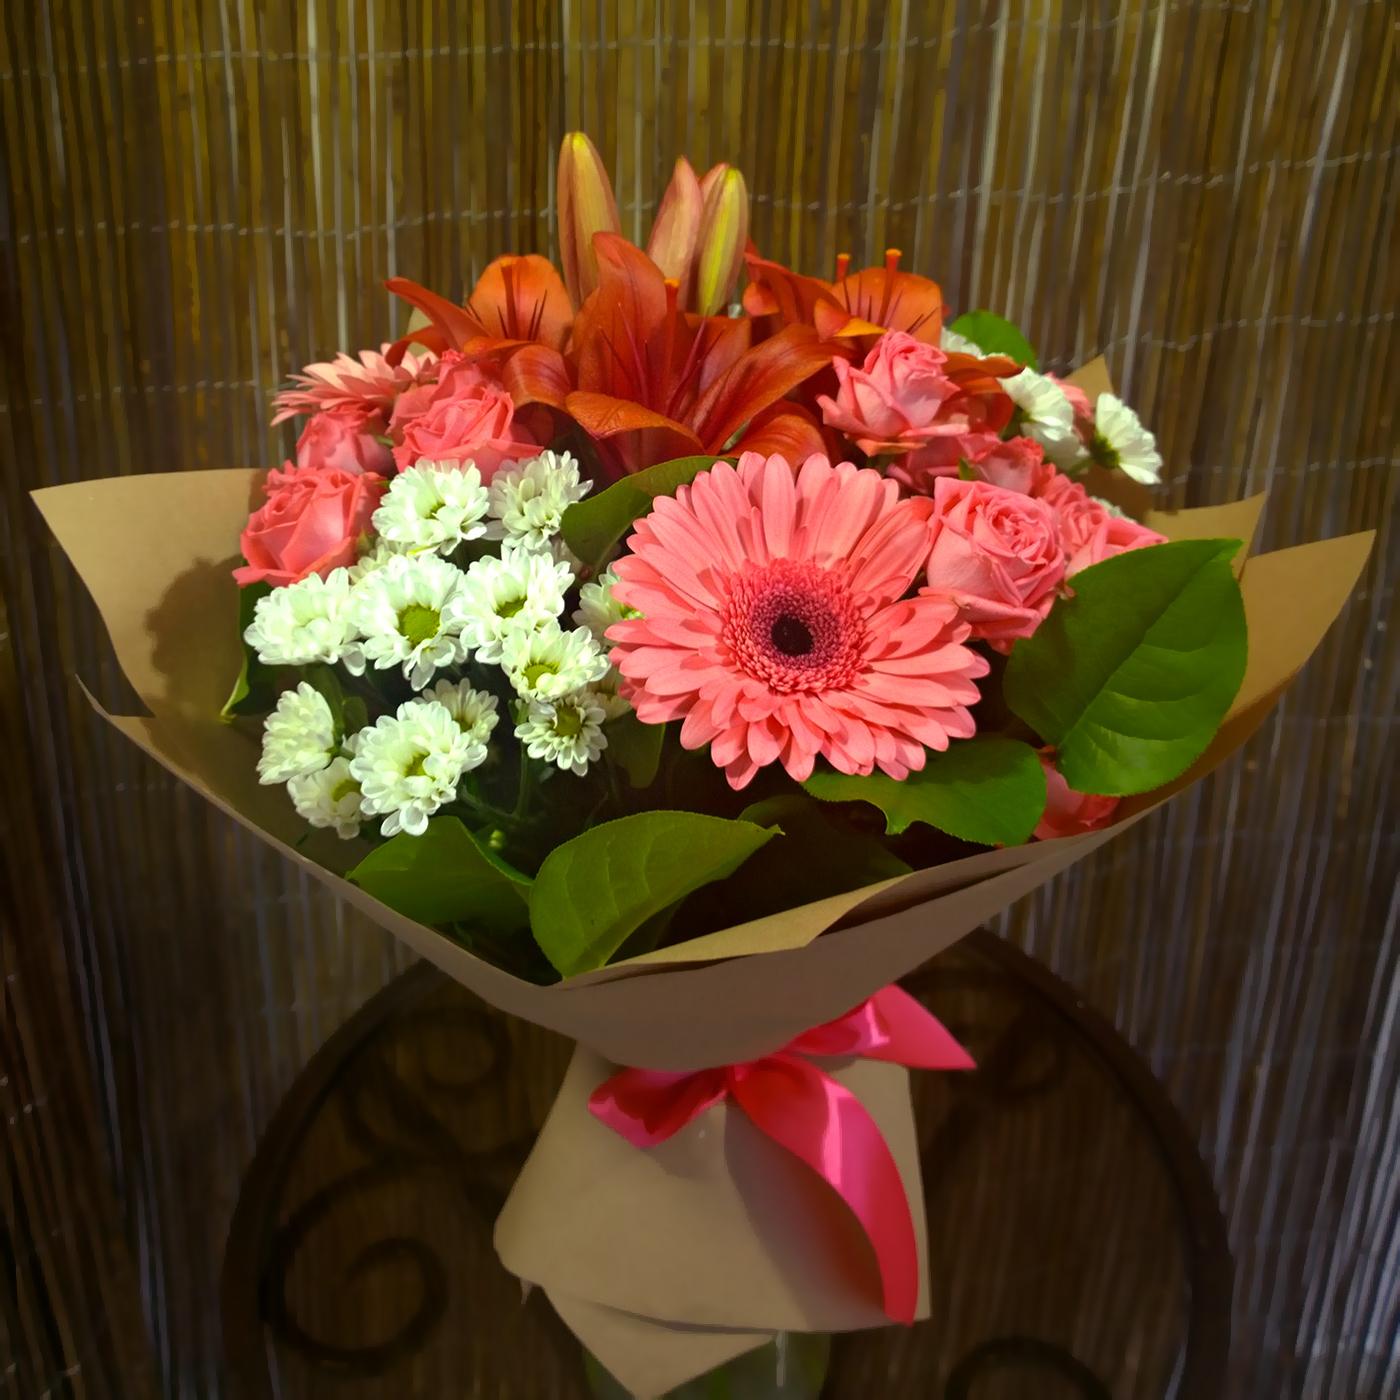 Букет Магия с лилией, герберами, розами, хризантемами